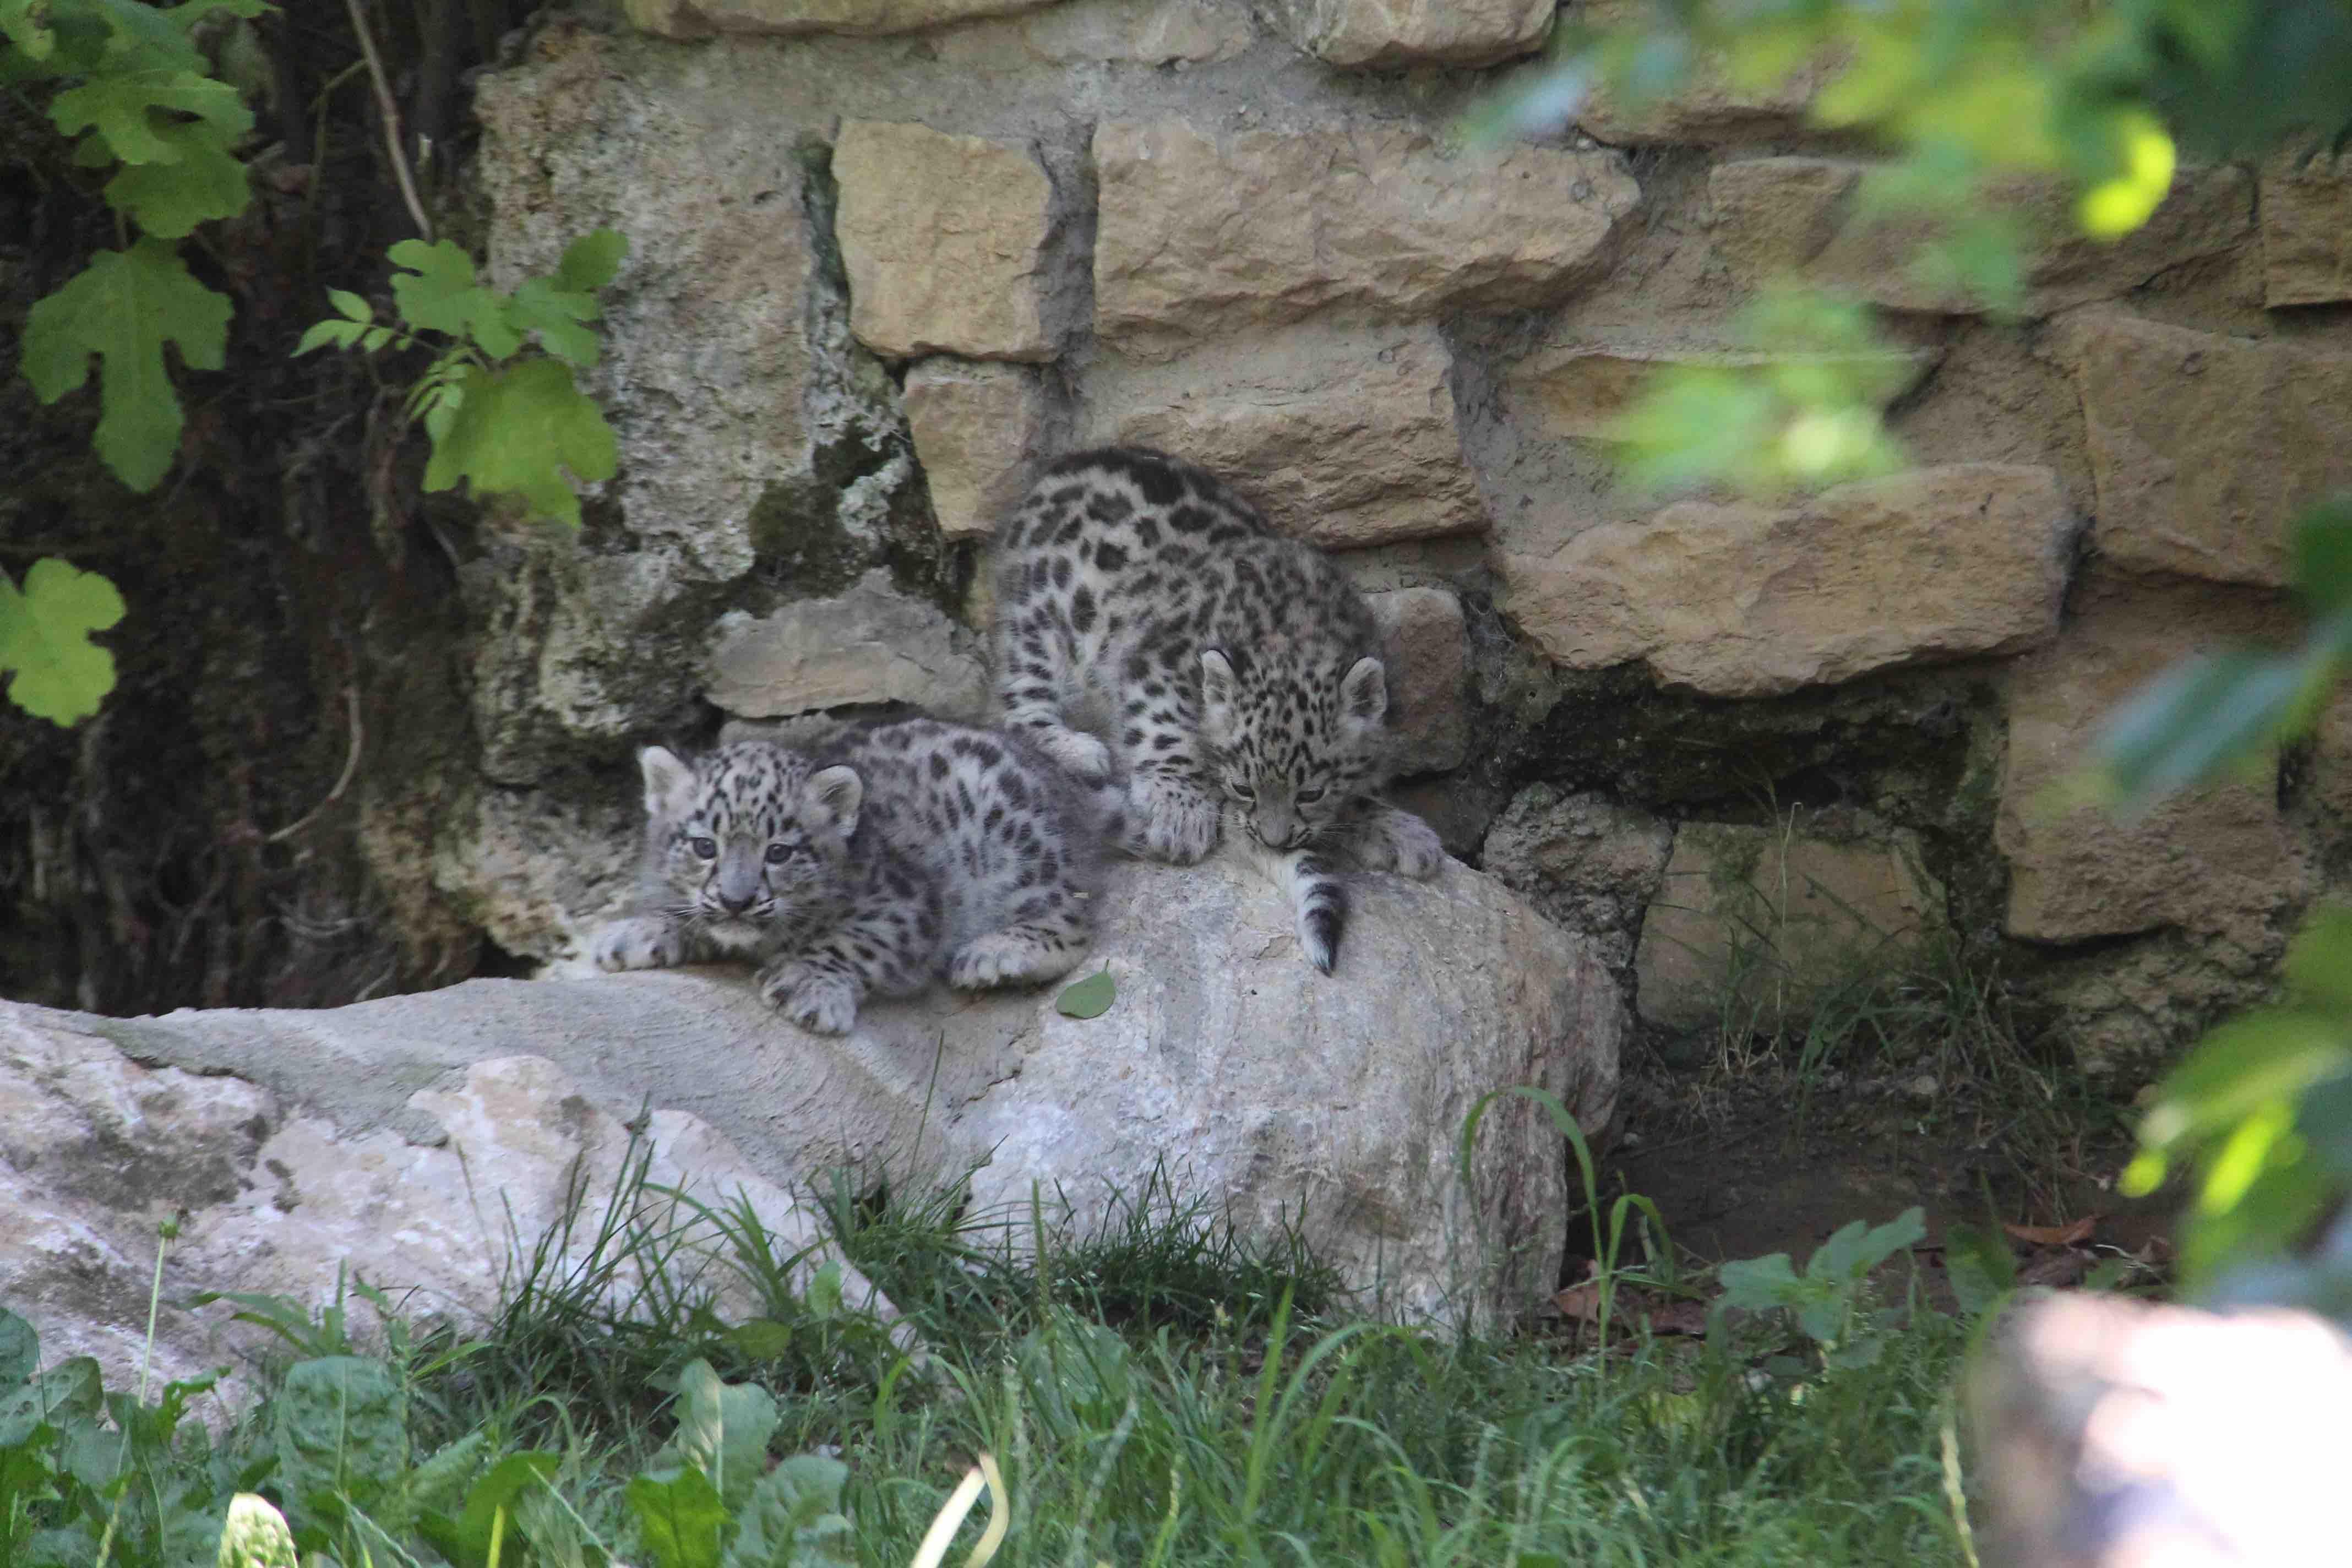 Fiocco azzurro a Bergamo: ecco due leopardi delle nevi